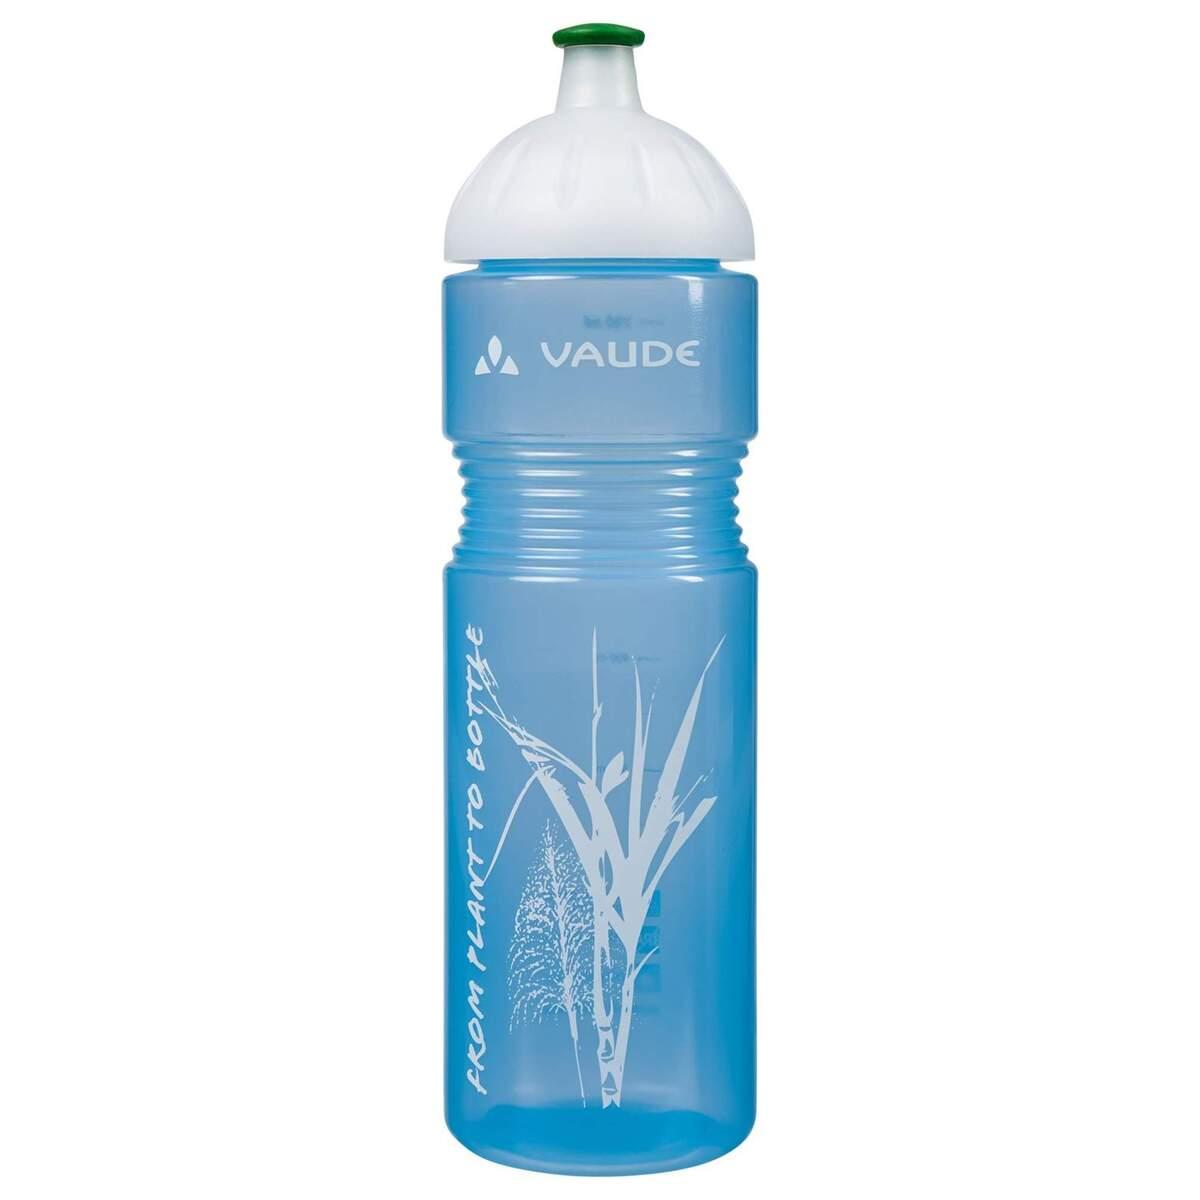 Bild 1 von Vaude BIKE BOTTLE ORGANIC, 0,75 L Unisex - Trinkflasche